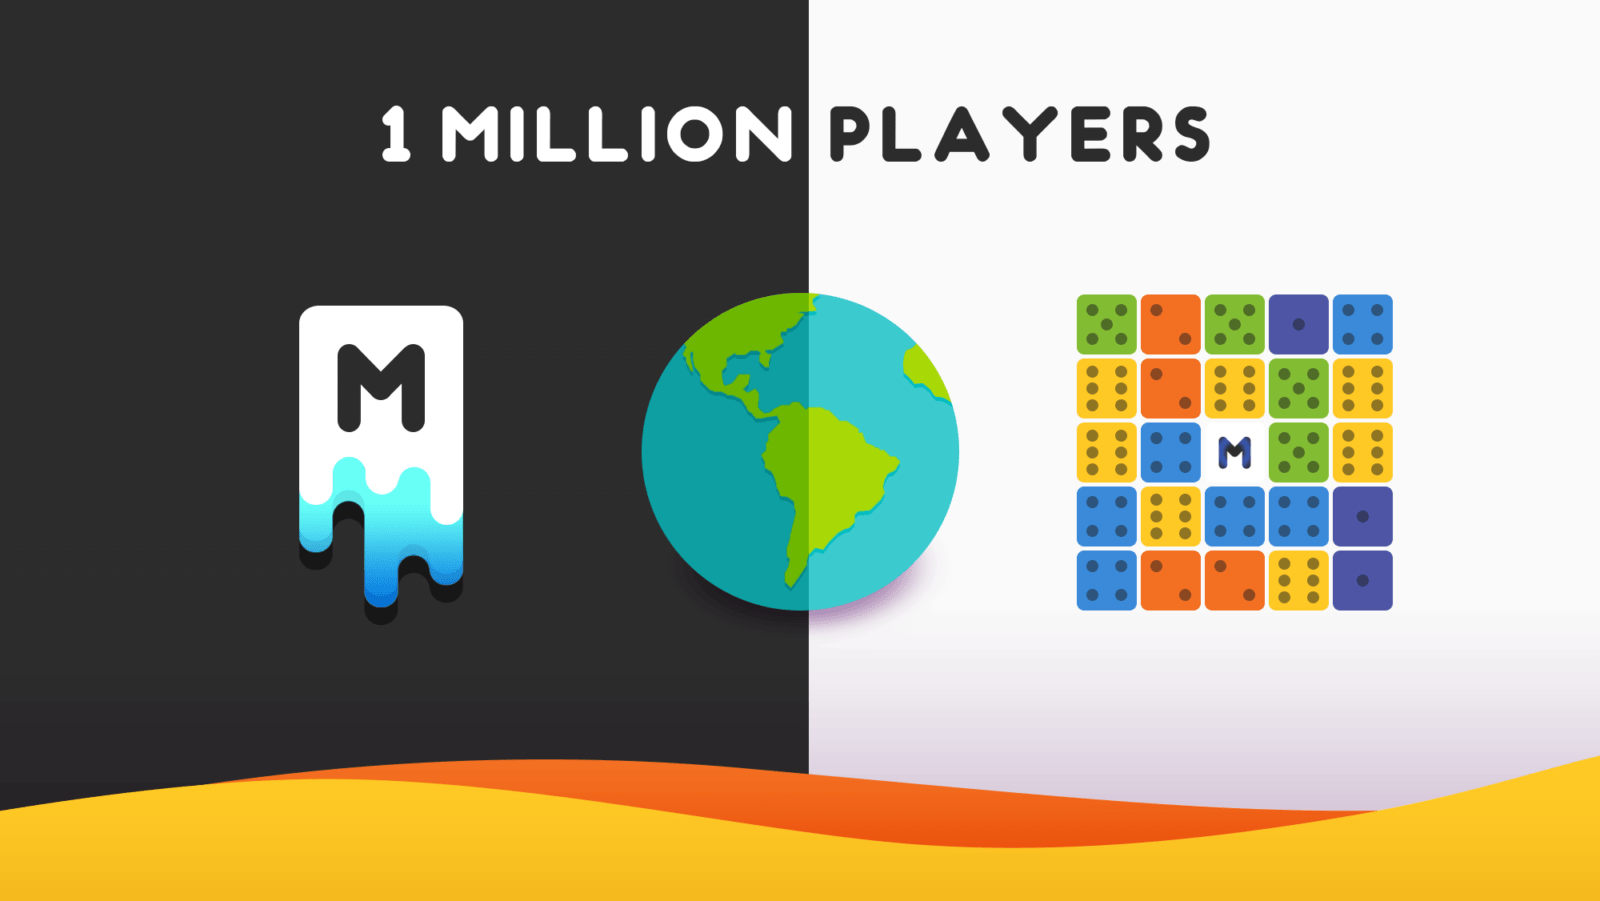 Yerli mobil oyun Merged! indirme rekoru kırabilir!